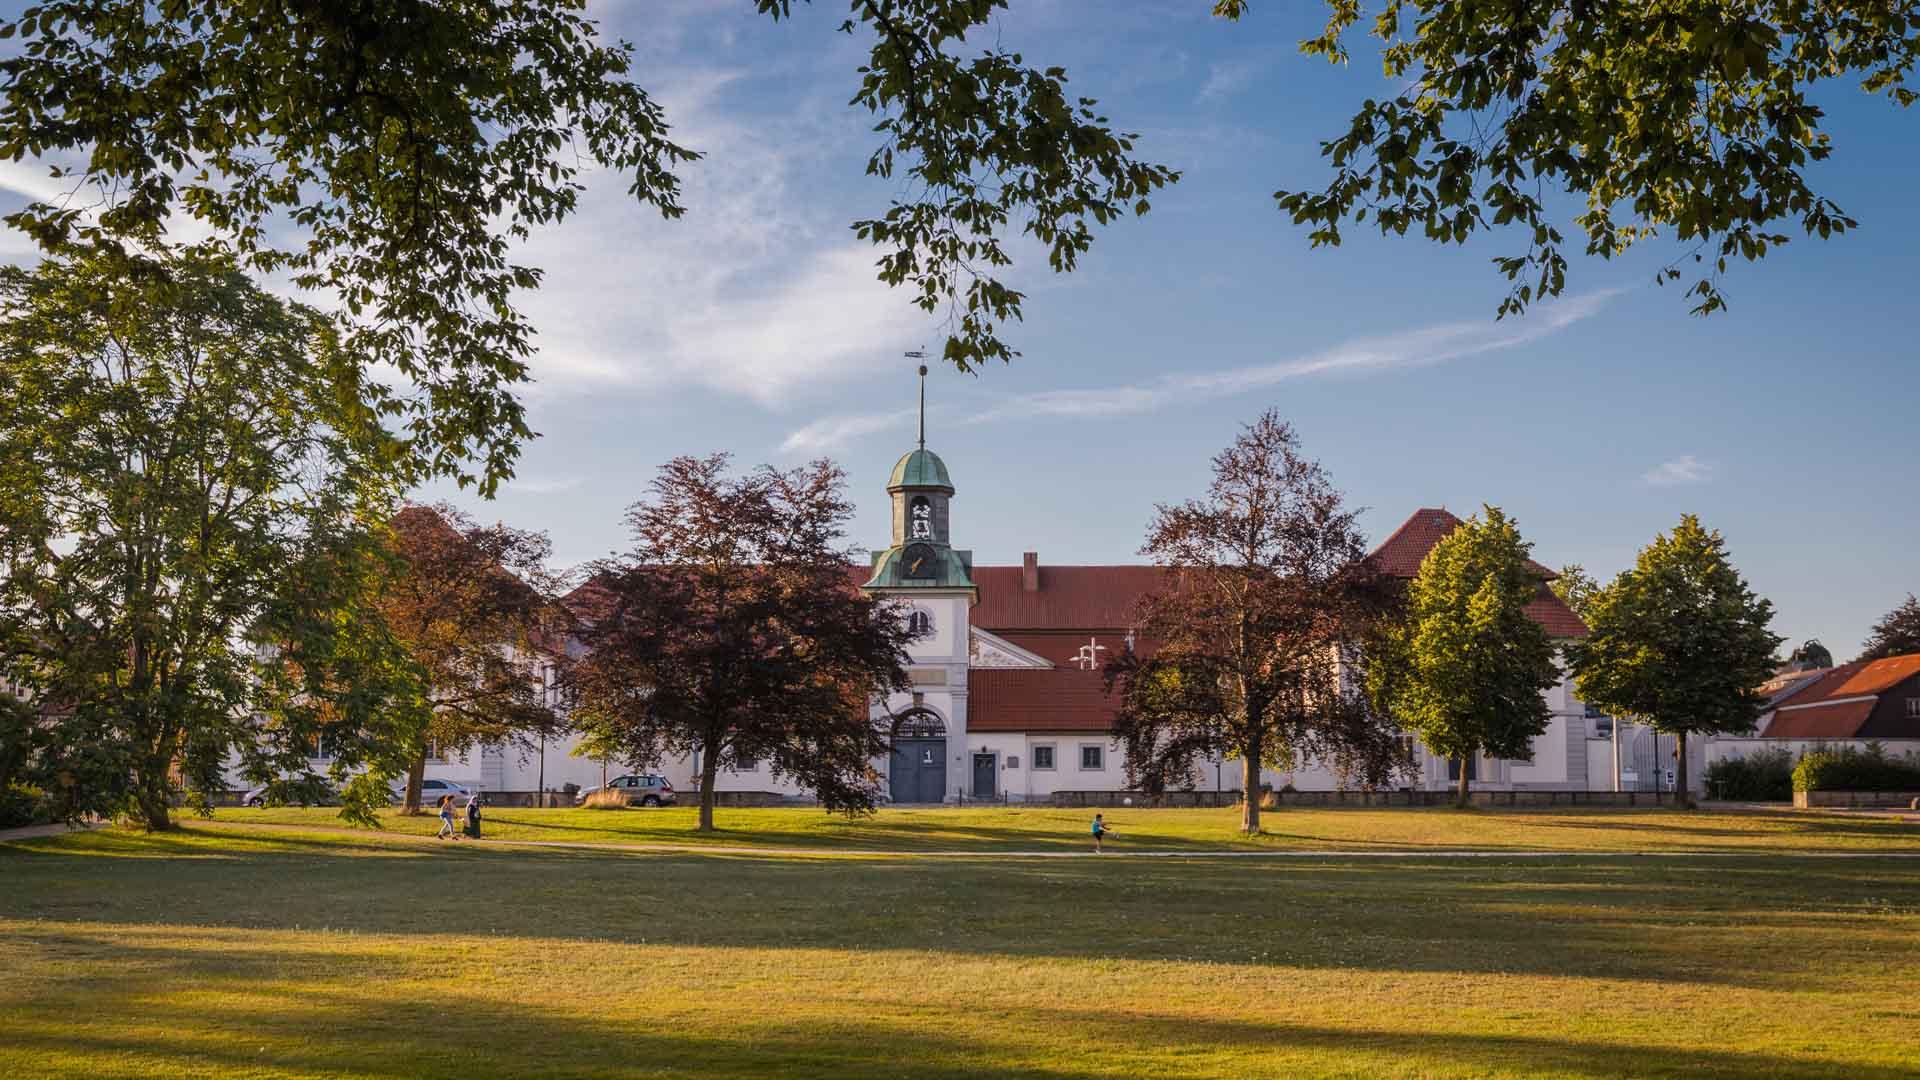 Triftanlage in Celle